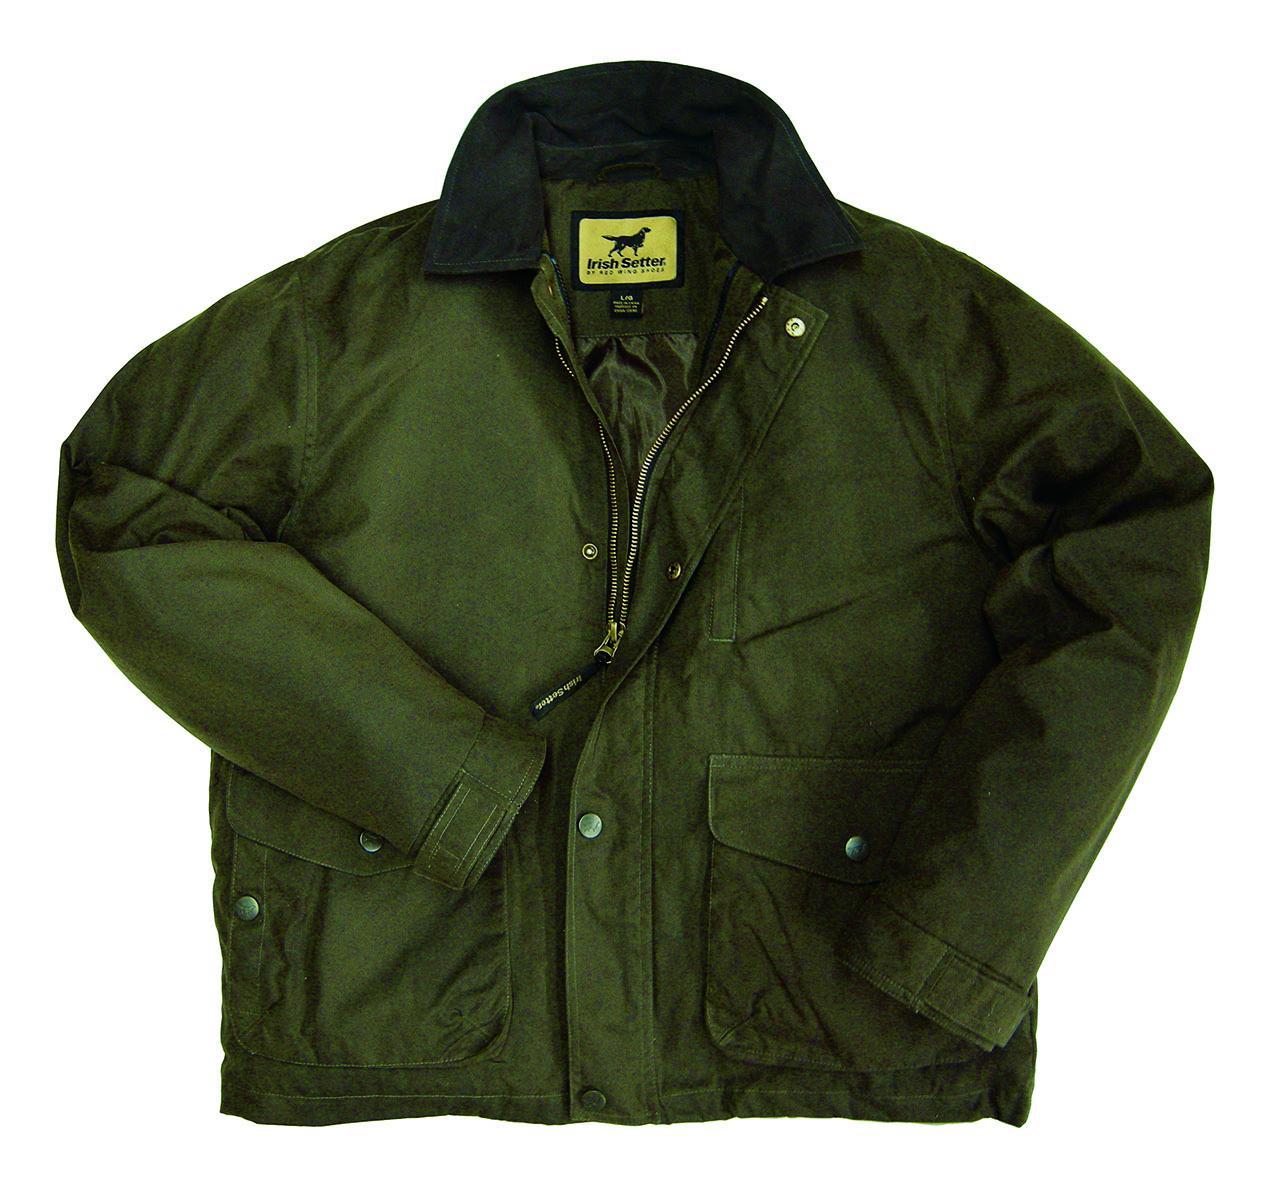 Irish Setter Waxed Cotton Hunting Jackets